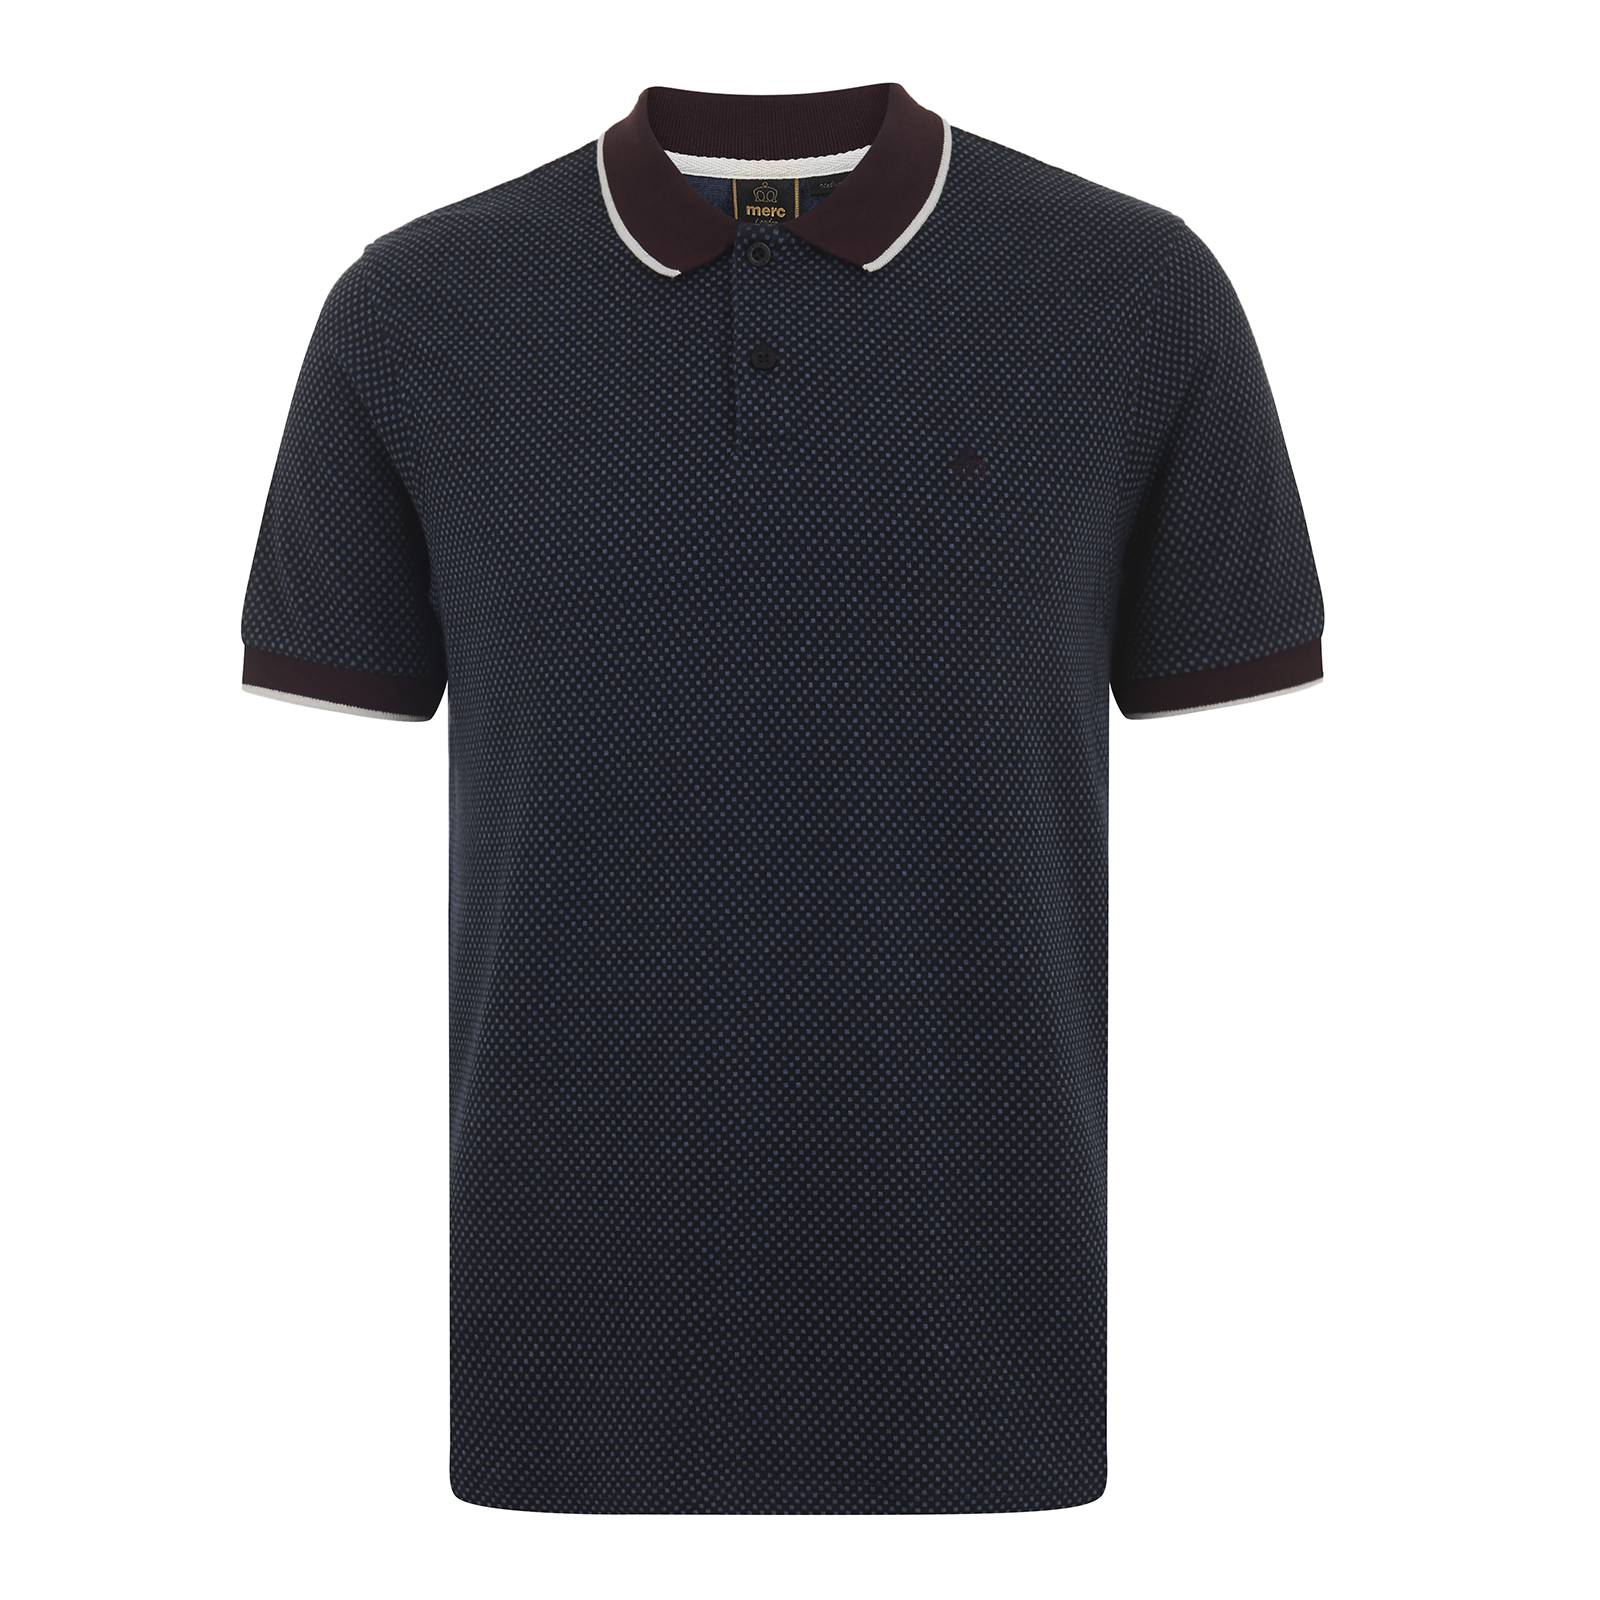 Рубашка Поло HuxleyПоло<br>Классическая мужская рубашка поло в эстетике mod-look, изготовленная из мягкой и легкой ткани смешанного состава, – эластичной и долговечной. Сплошной пиксельный узор, напоминающий polka-dot, контрастного цвета воротник и облегающие манжеты, оформленные по краю выделяющимся белым кантом, укороченная застежка на двух пуговицах – характерные атрибуты ретро стиля, умело вписанные в современный fashion контекст. Брендирована фирменным логотипом Корона, вышитым слева на груди. Это поло хорошо сочетается с Харрингтоном, кардиганом на пуговицах, брюками Sta-Prest, лоферами или Desert Boot.<br><br>Артикул: 1915204<br>Материал: 65% вискоза, 30% полиэстер, 5% эластан<br>Цвет: синий<br>Пол: Мужской